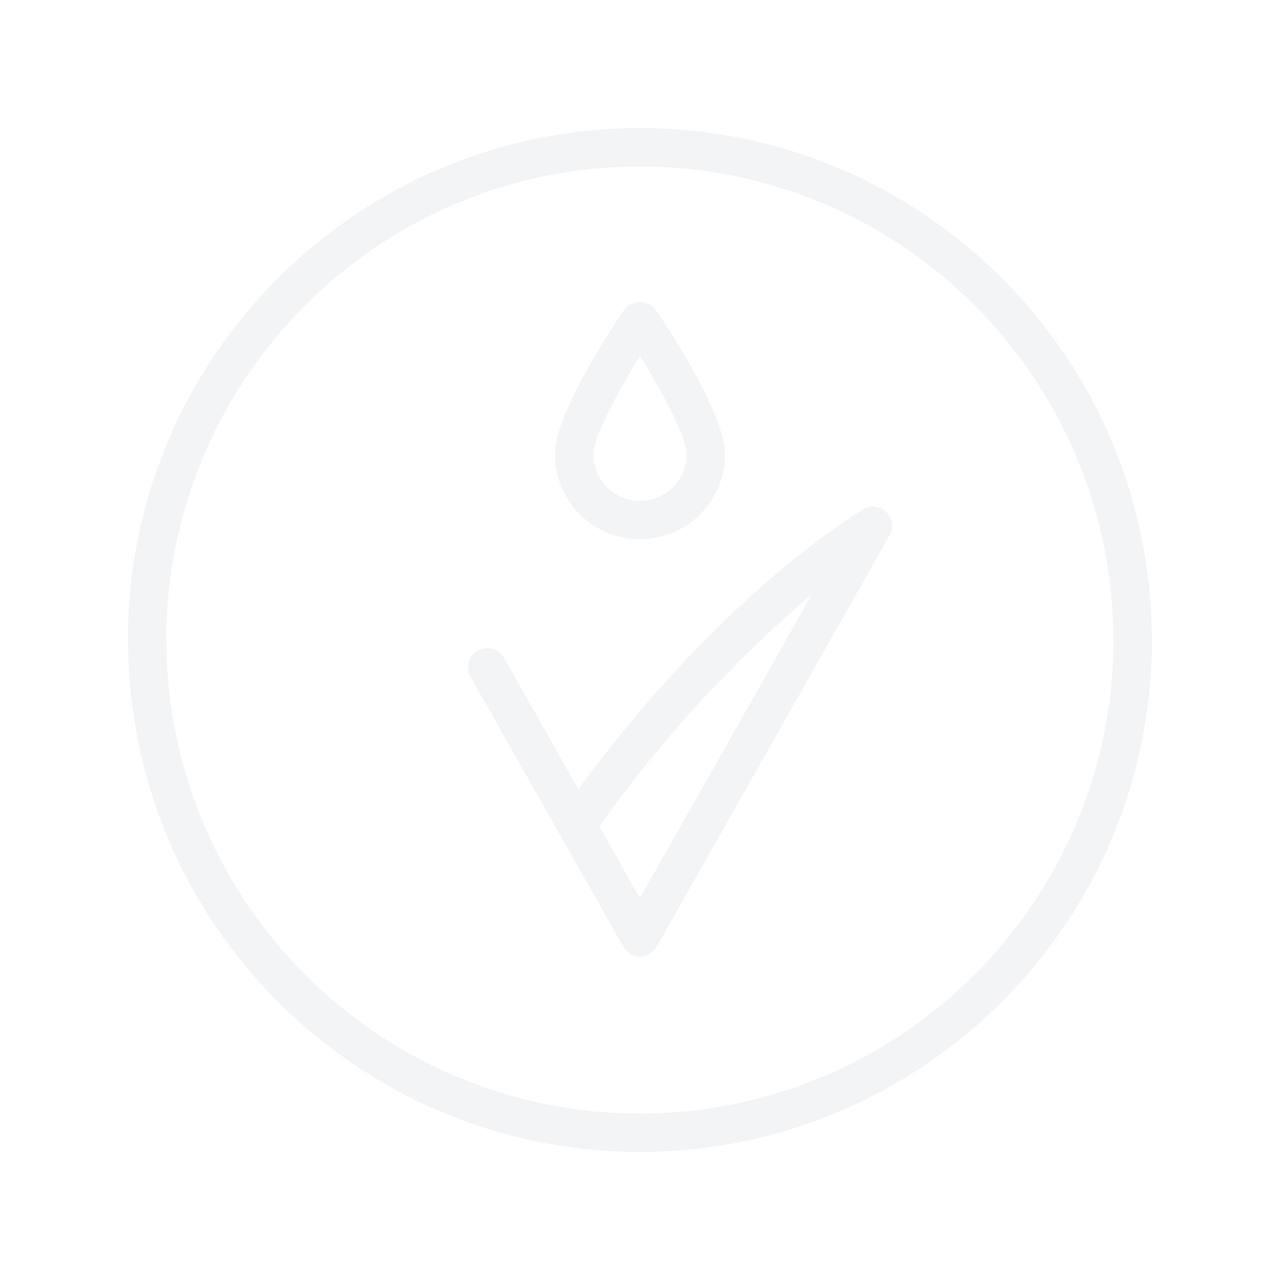 GUCCI Bloom 100ml Eau De Parfum Gift Set